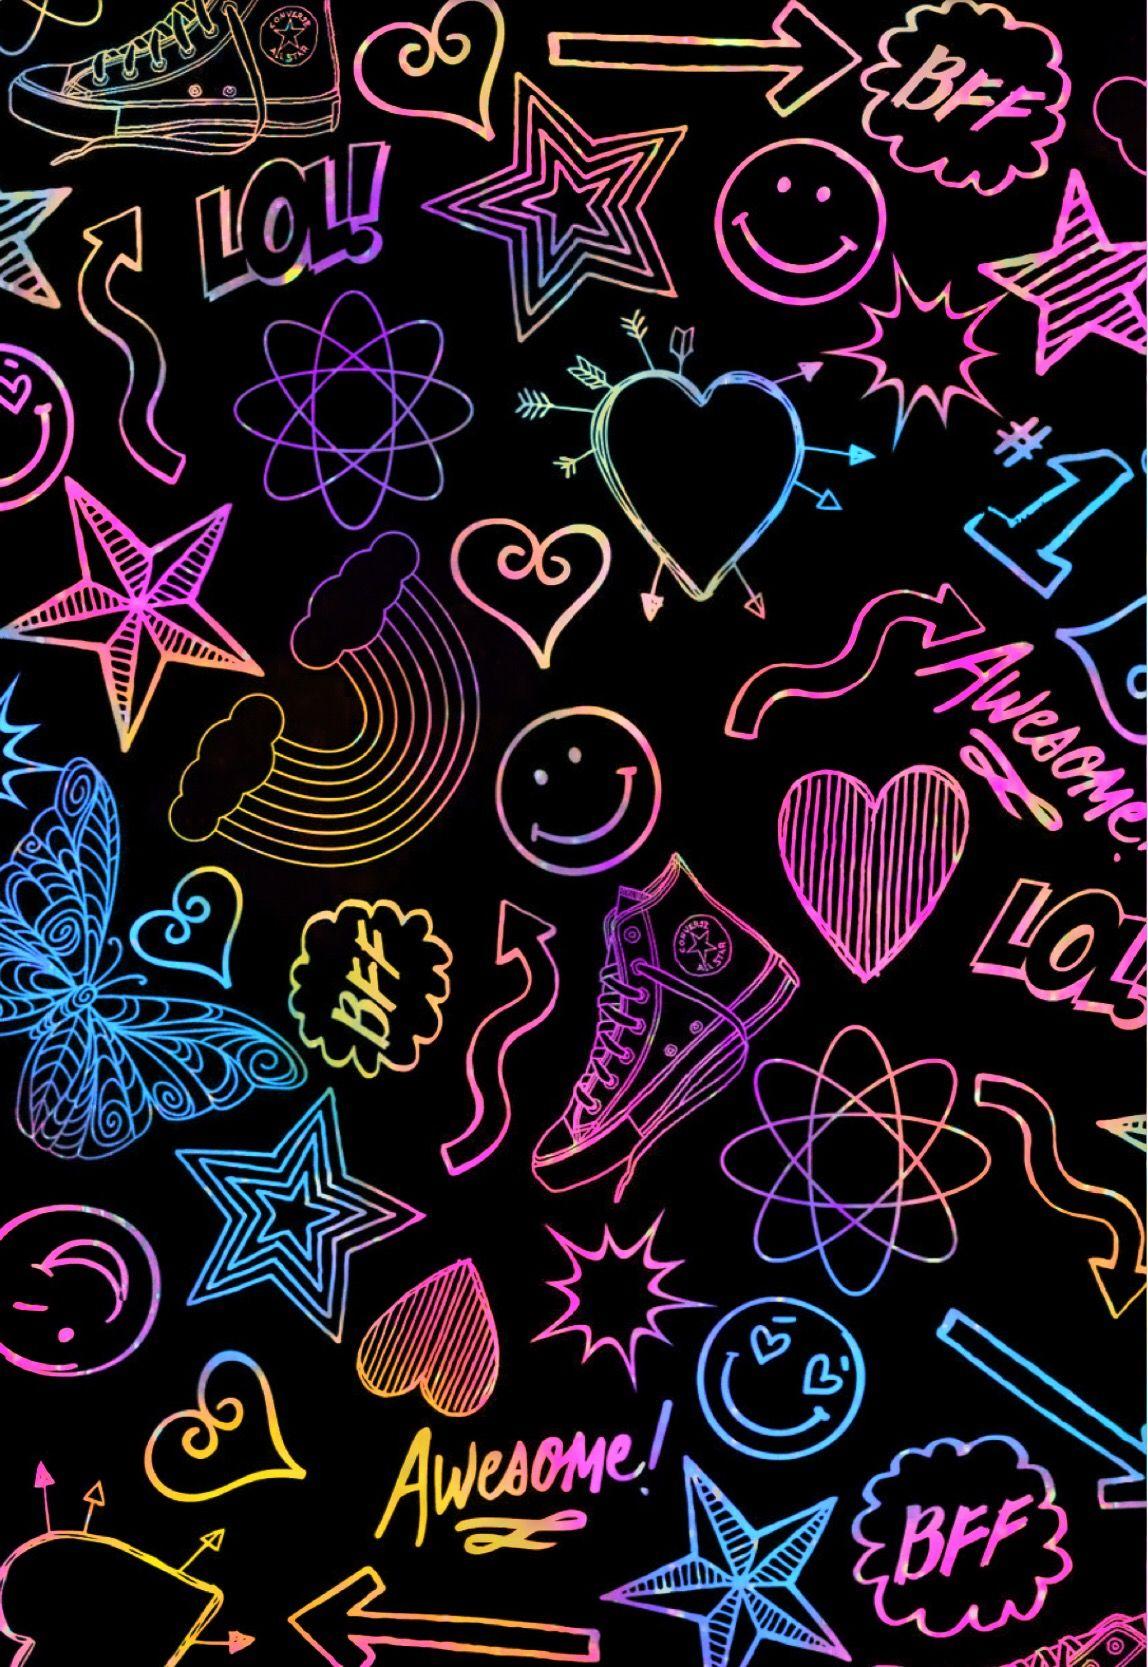 Neon Doodles Wallpaper Androidwallpaper Iphonewallpaper Glitter Sparkle Galaxy Butterflies Stars Hearts Neon Wallpaper Galaxy Wallpaper Etsy Wall Art